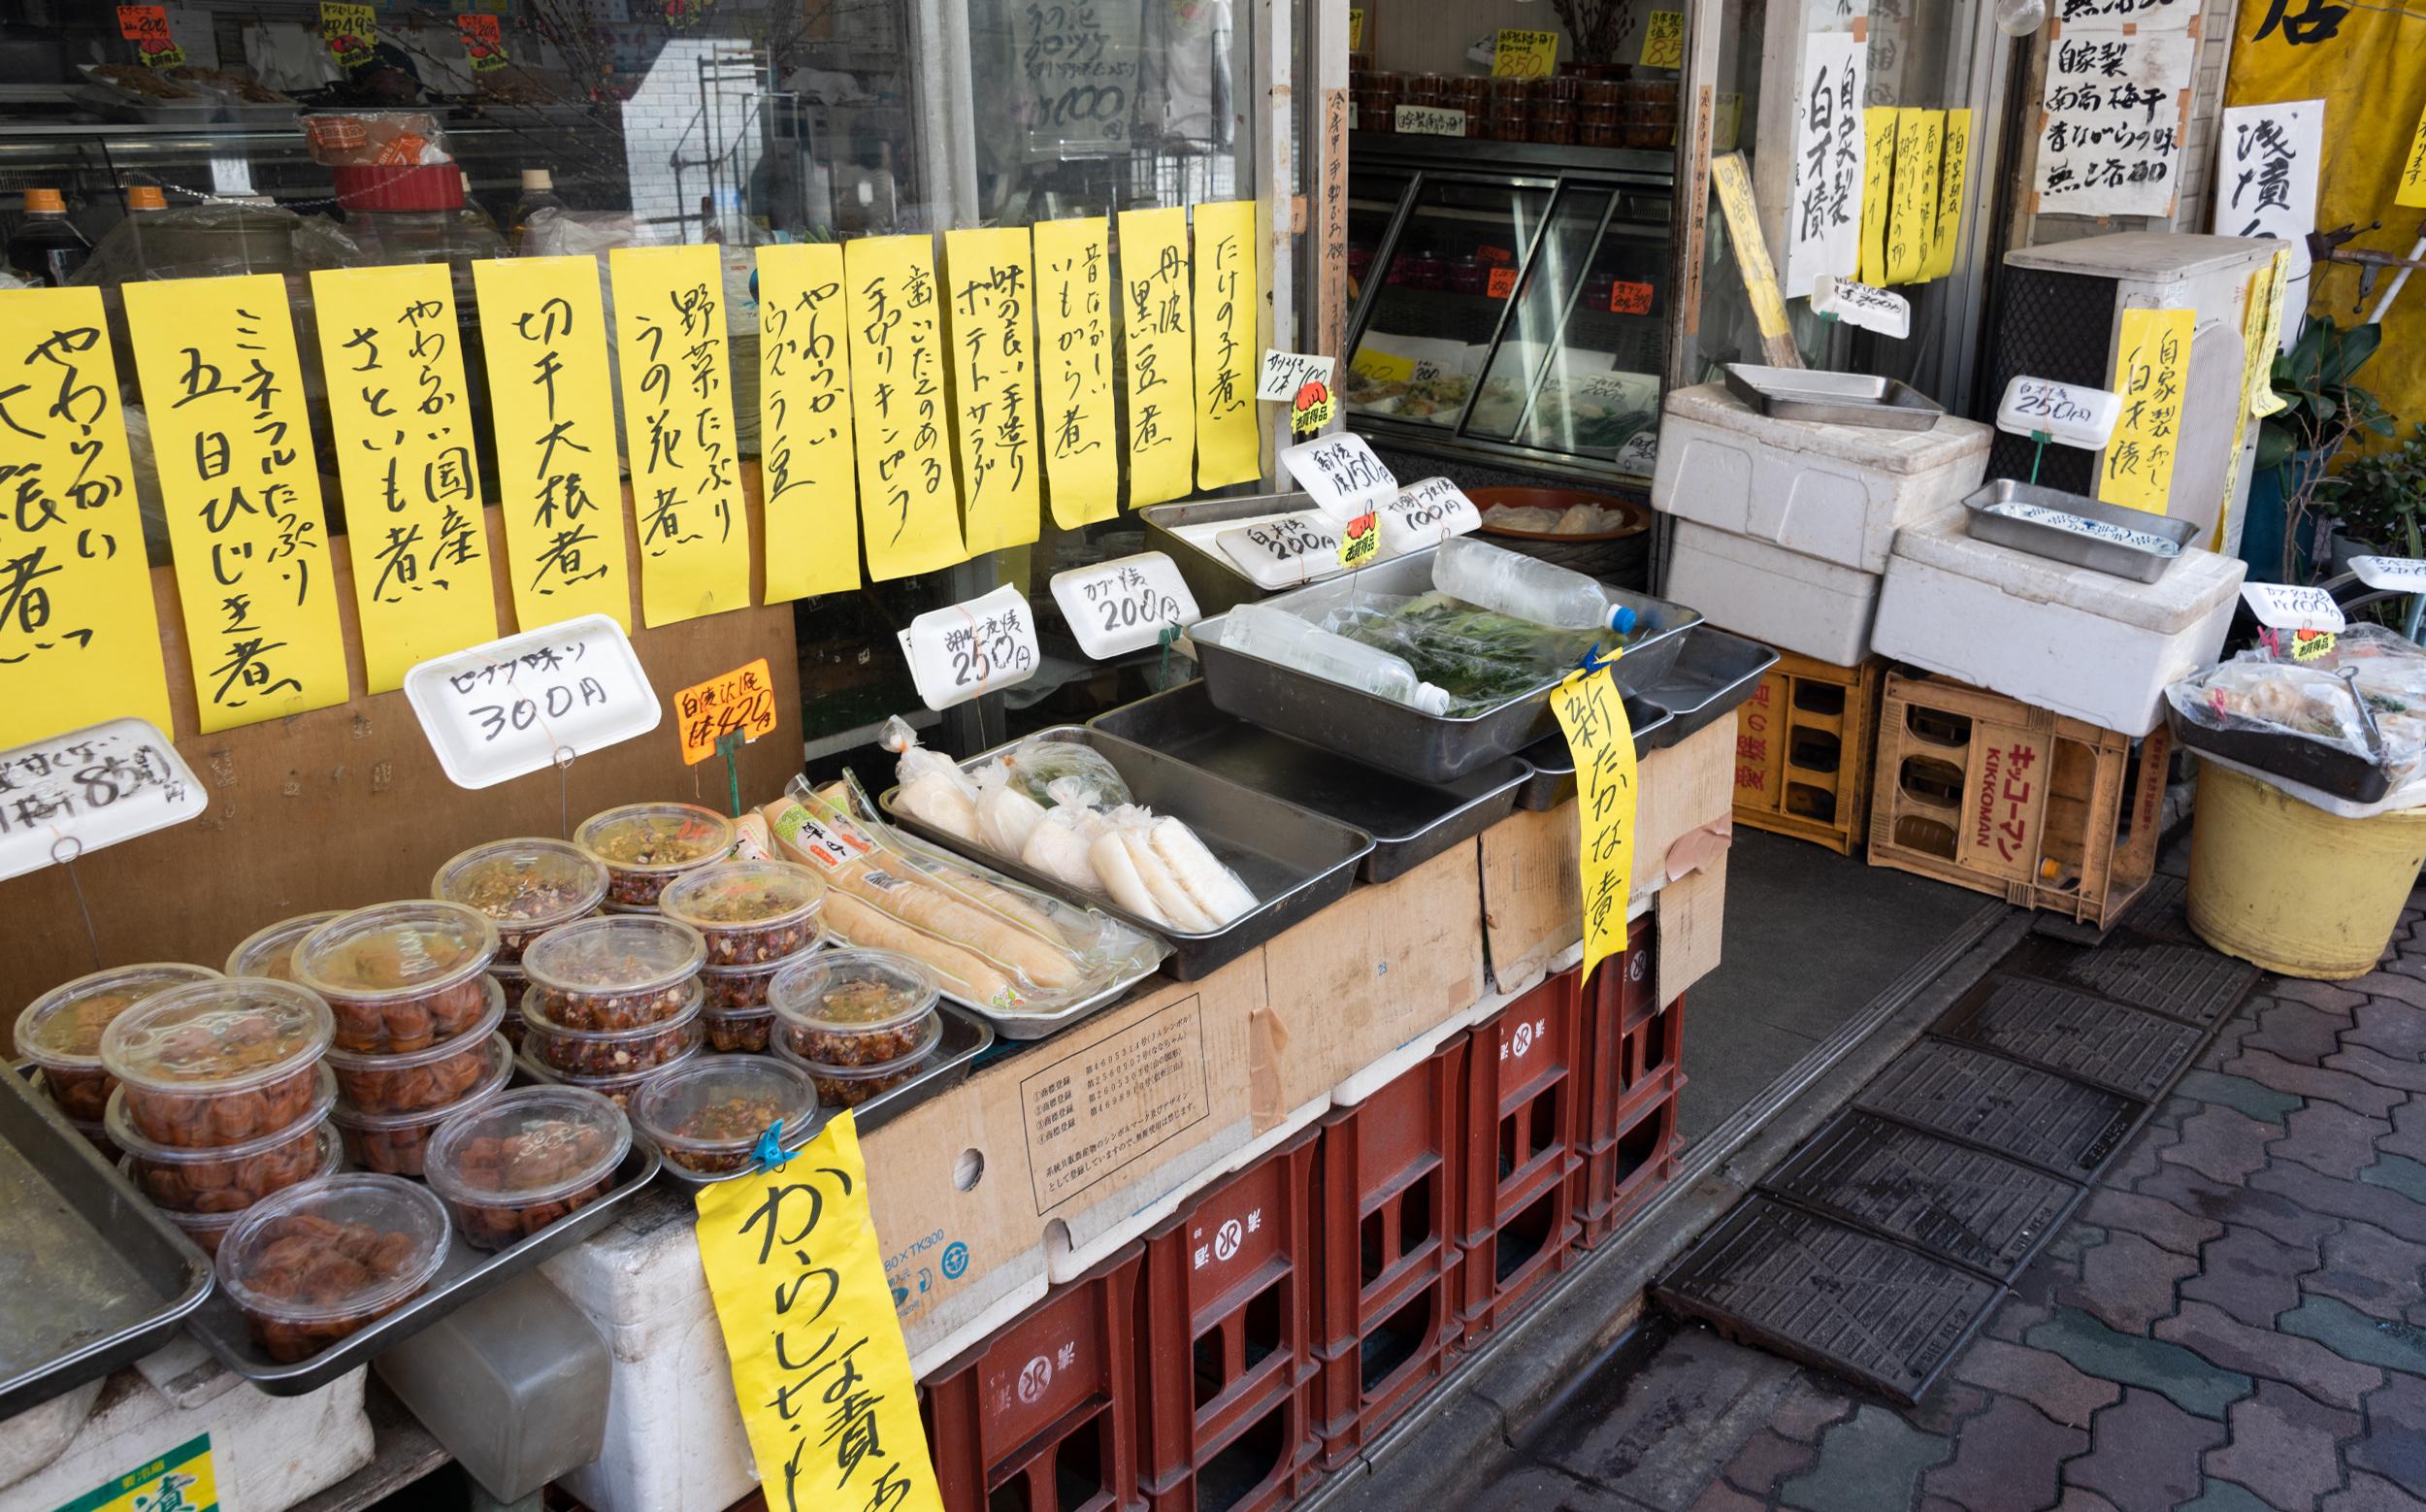 東京都葛飾区東小岩 みのり商店会:なかむら屋